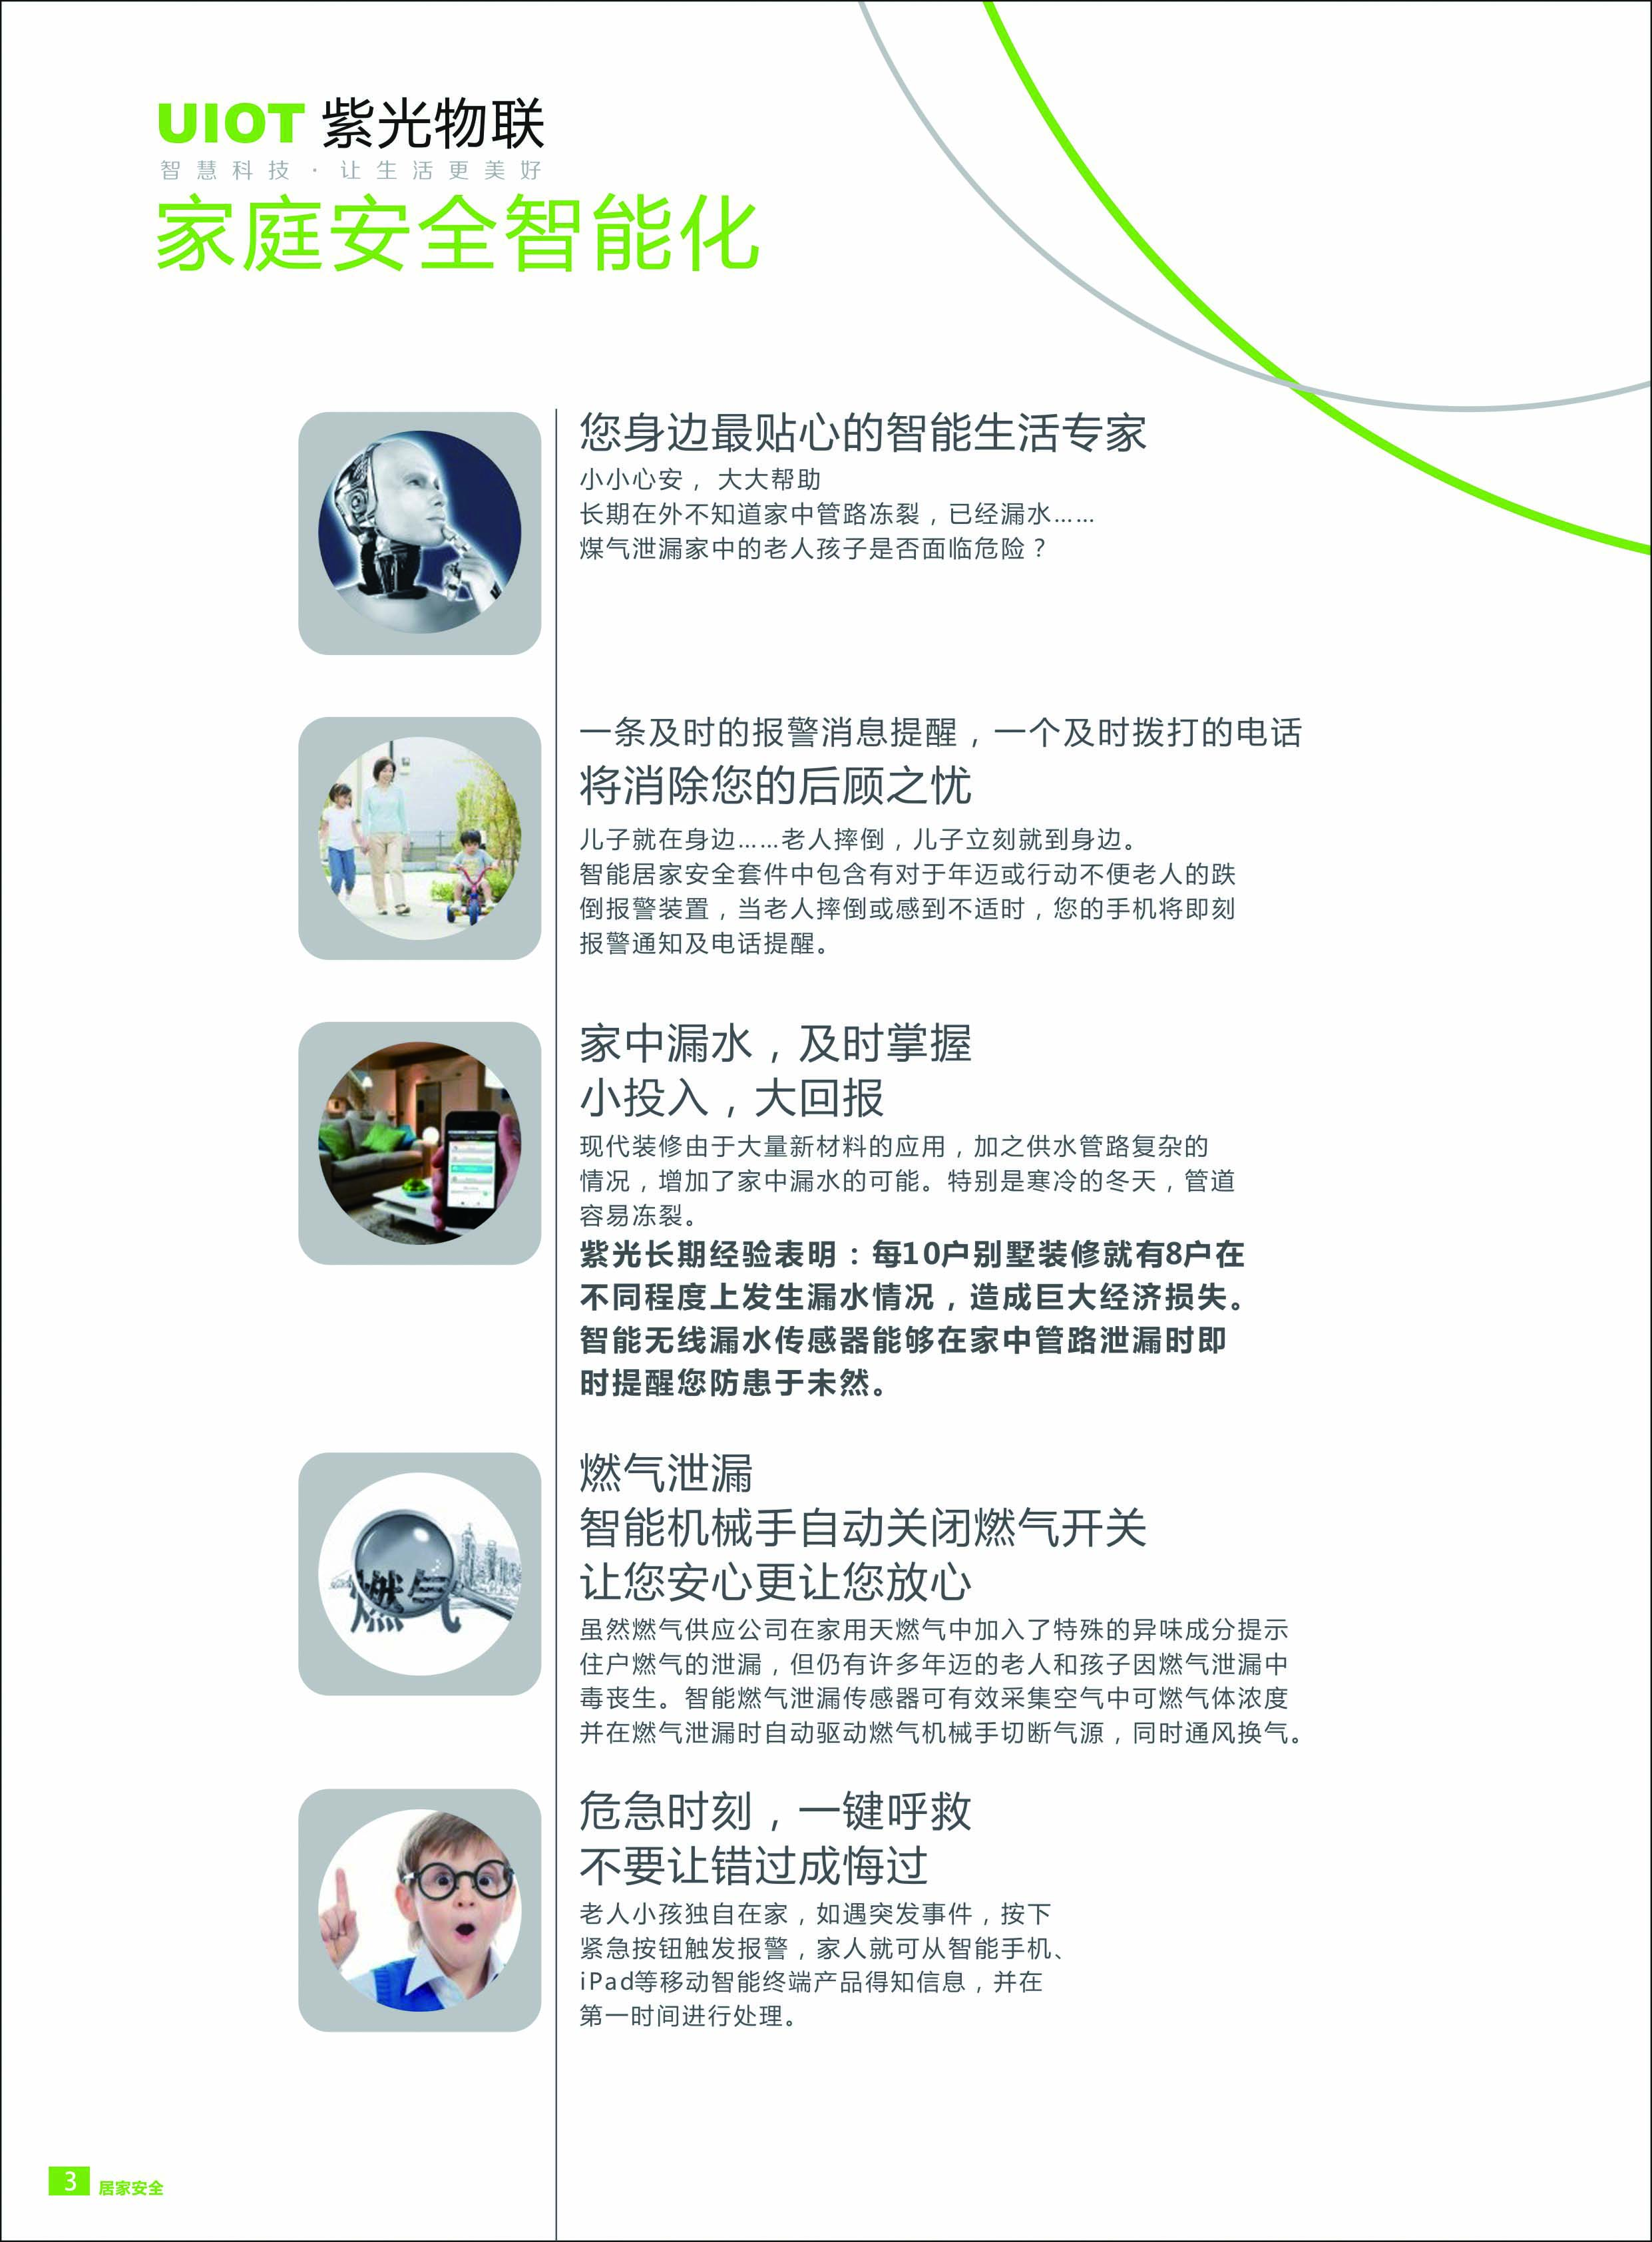 紫光物联功能手册-3.jpg